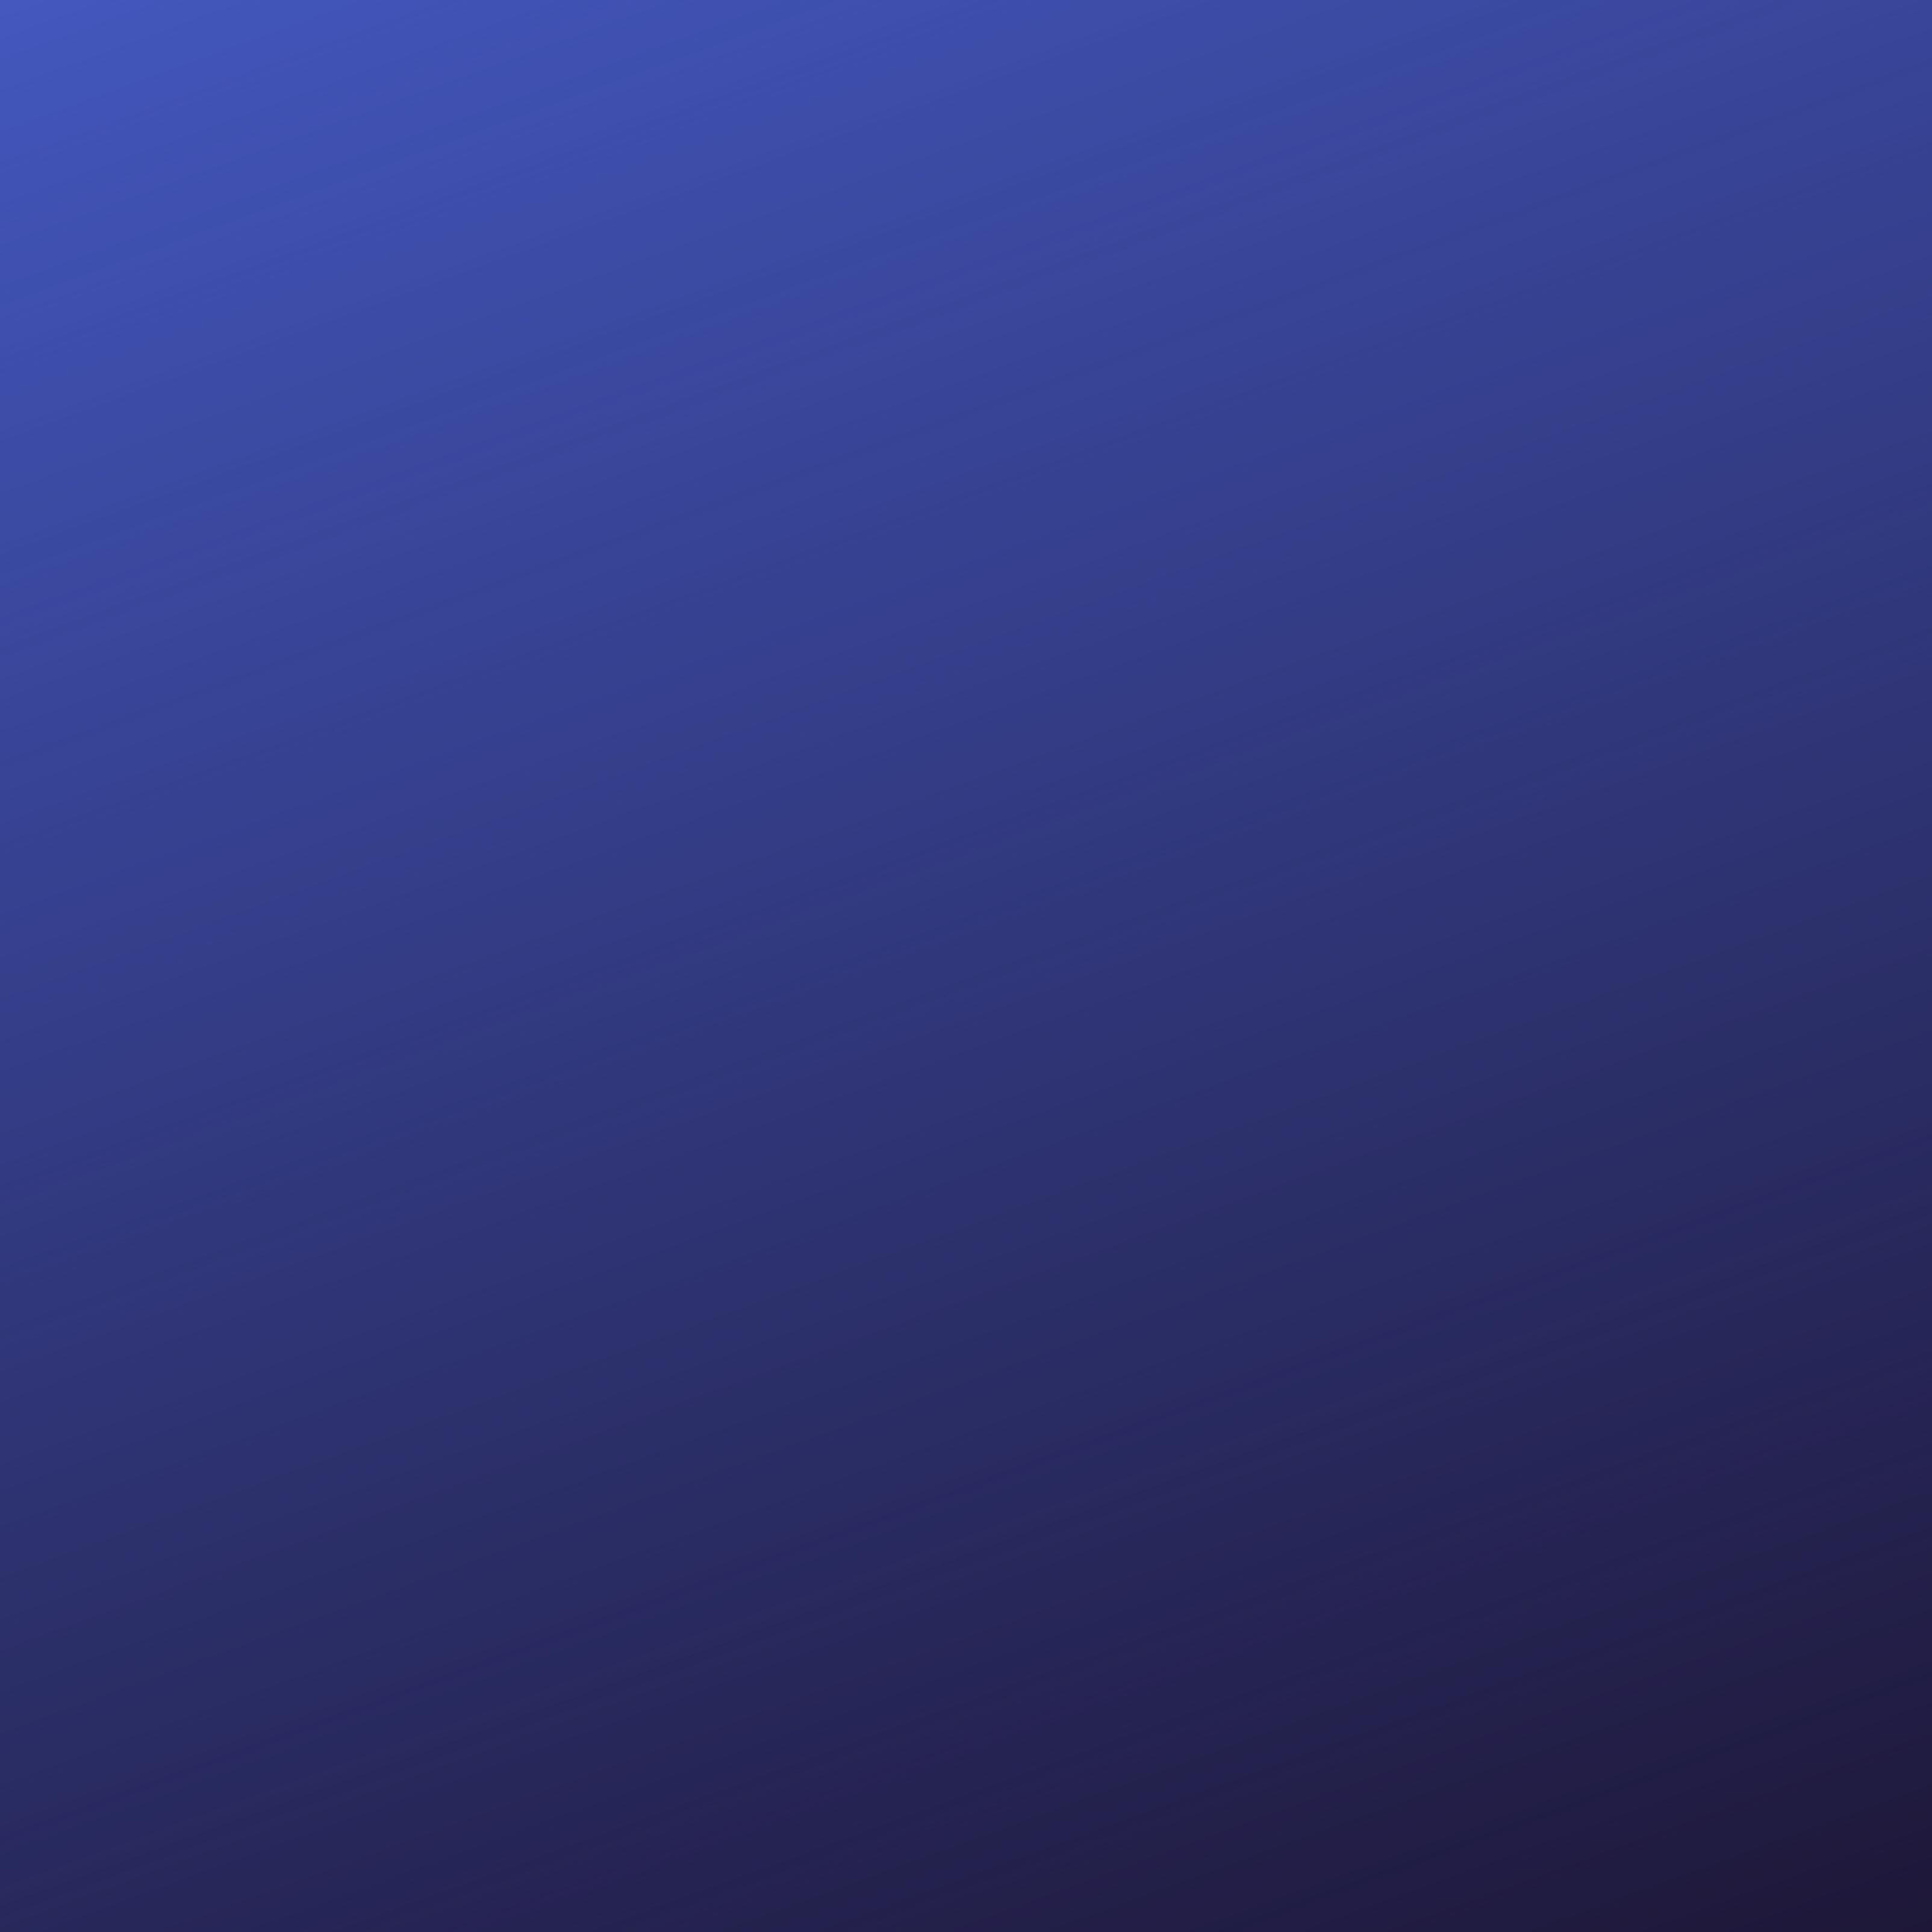 Indigo Dark Purple Gradient Background iPad Wallpaper